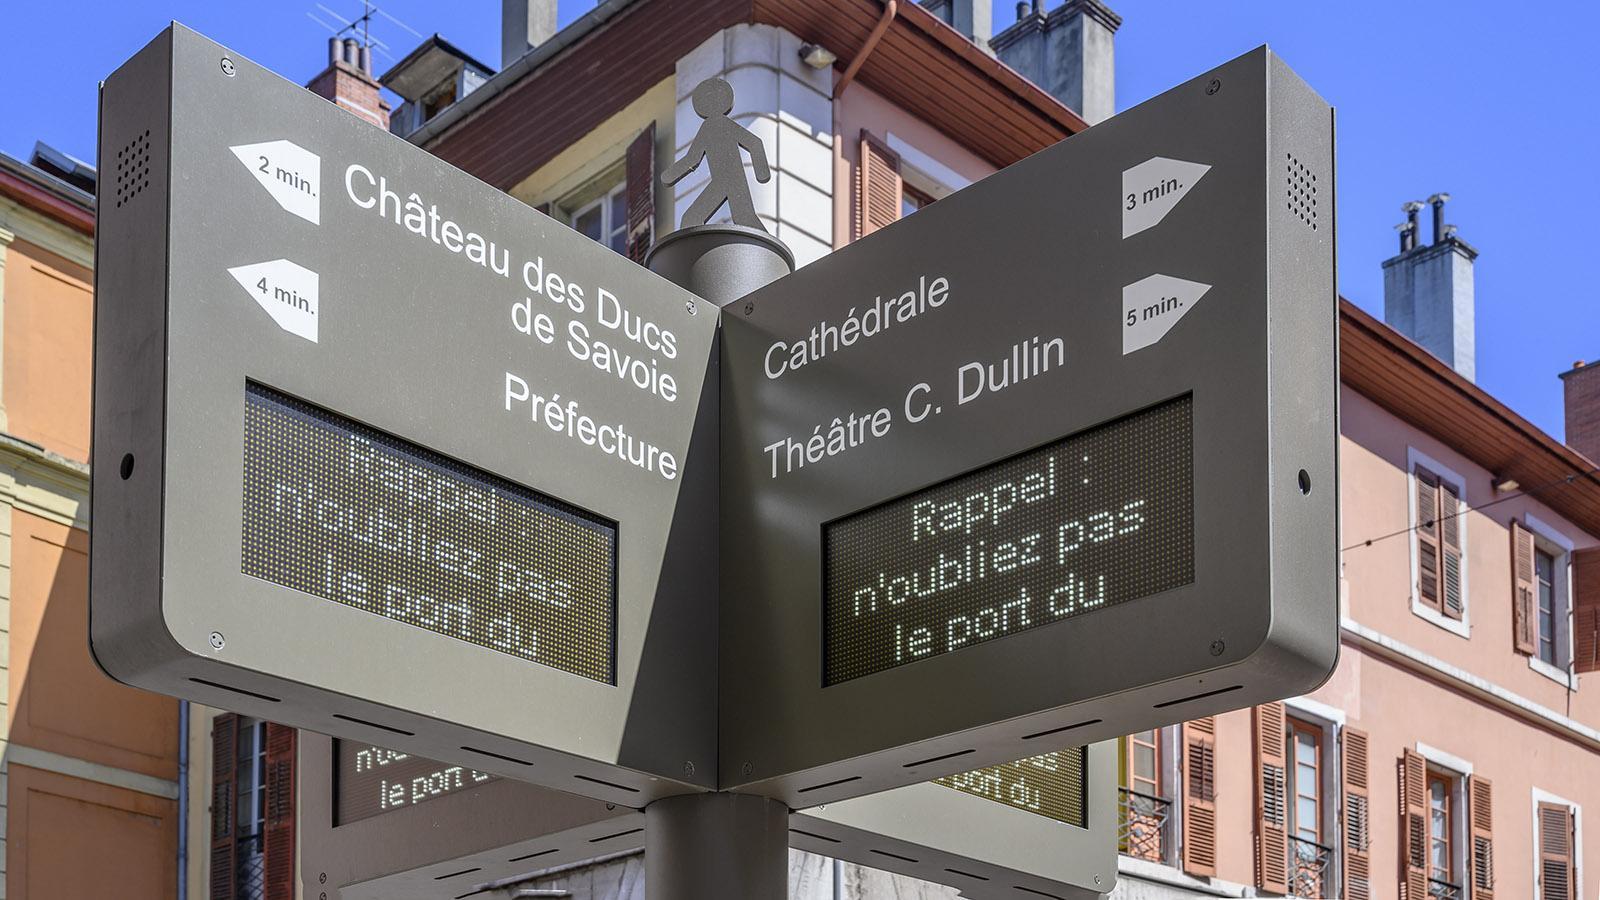 Die digitalen Stadtwegweiser von Chambéry. Foto: Hilke Maunder